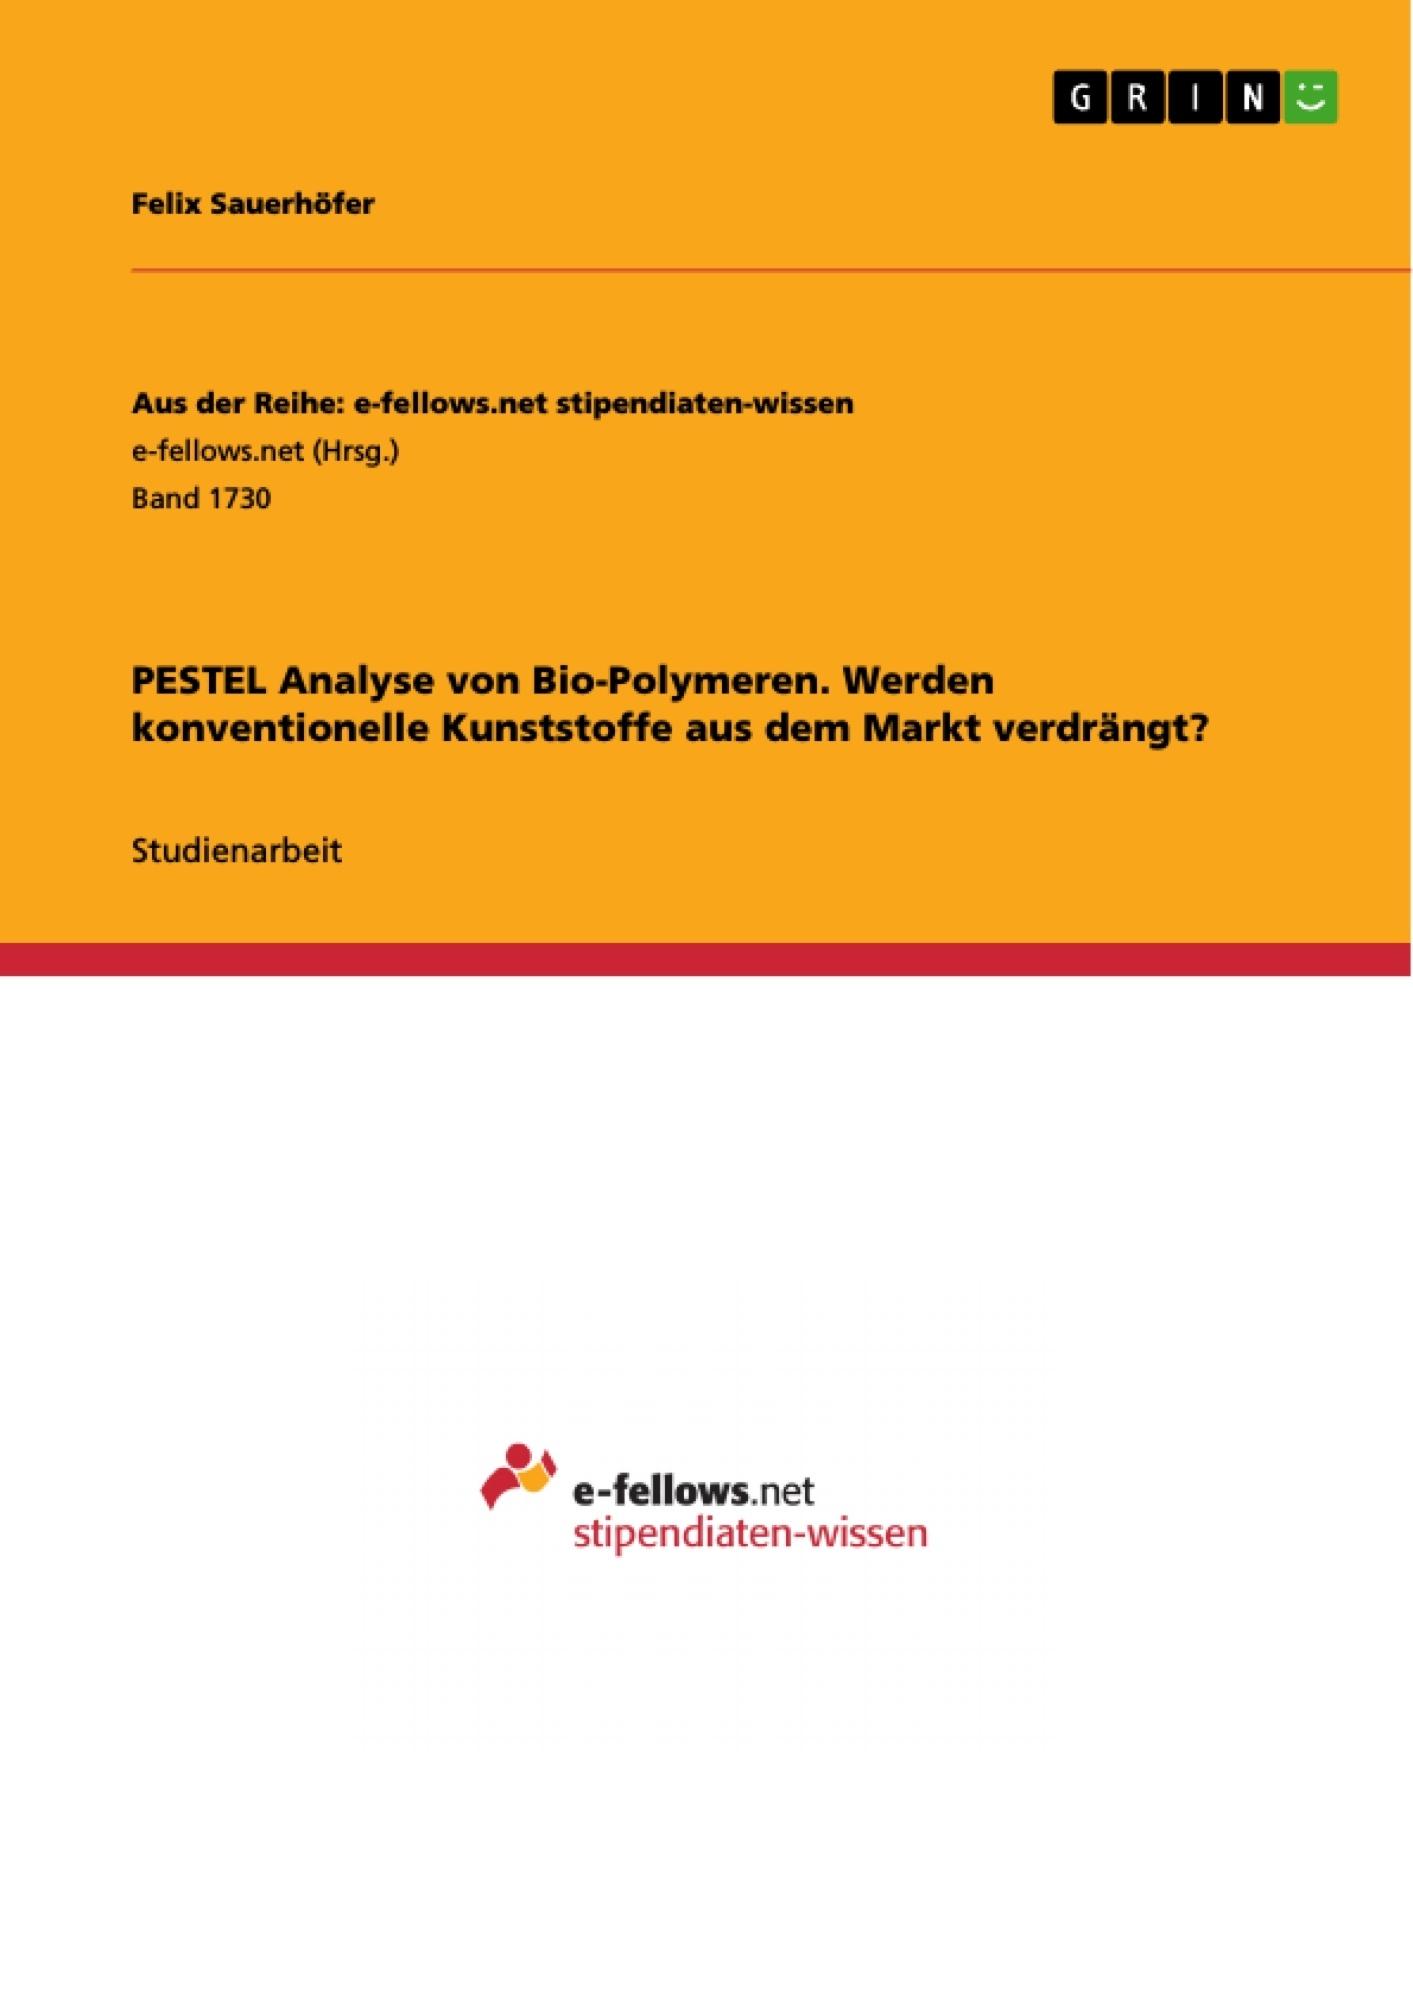 Titel: PESTEL Analyse von Bio-Polymeren. Werden konventionelle Kunststoffe aus dem Markt verdrängt?